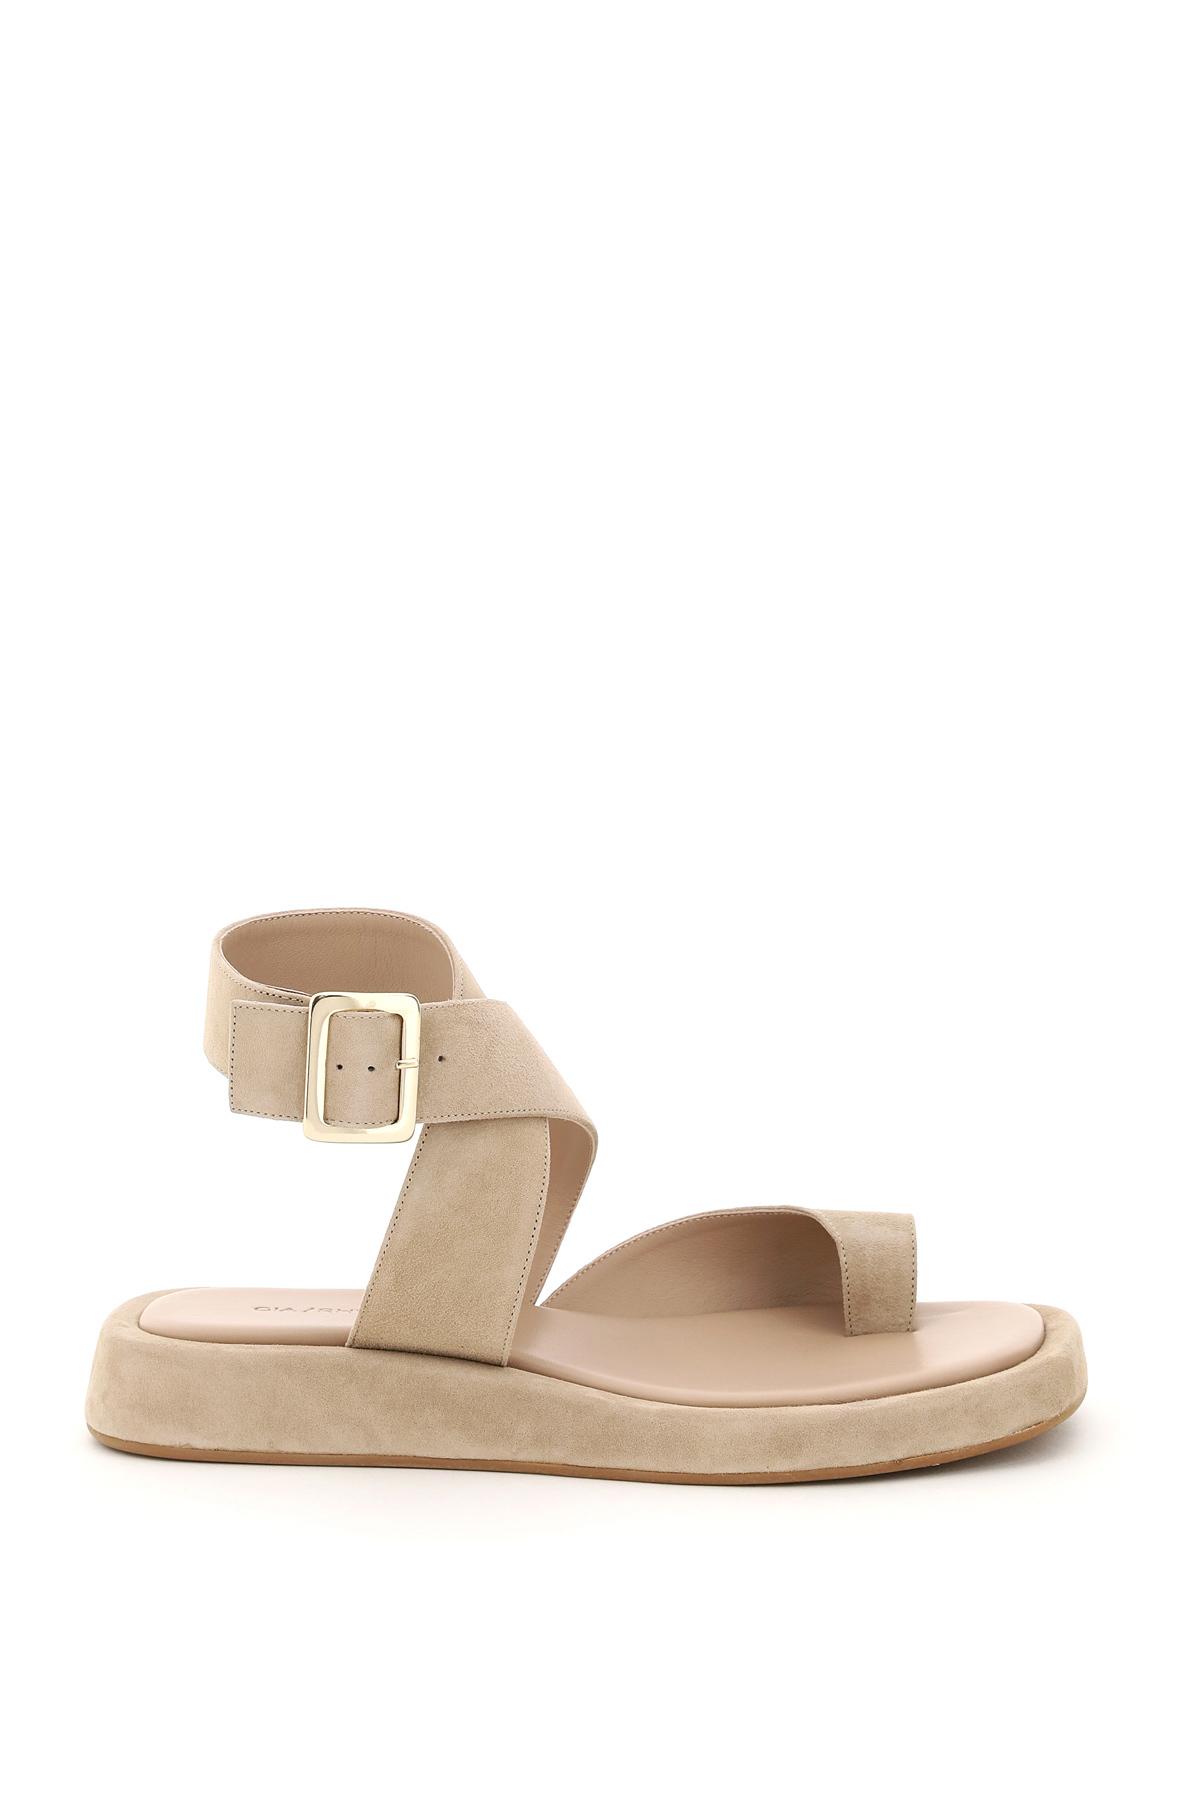 Gia rhw sandali toe ring rosie 4